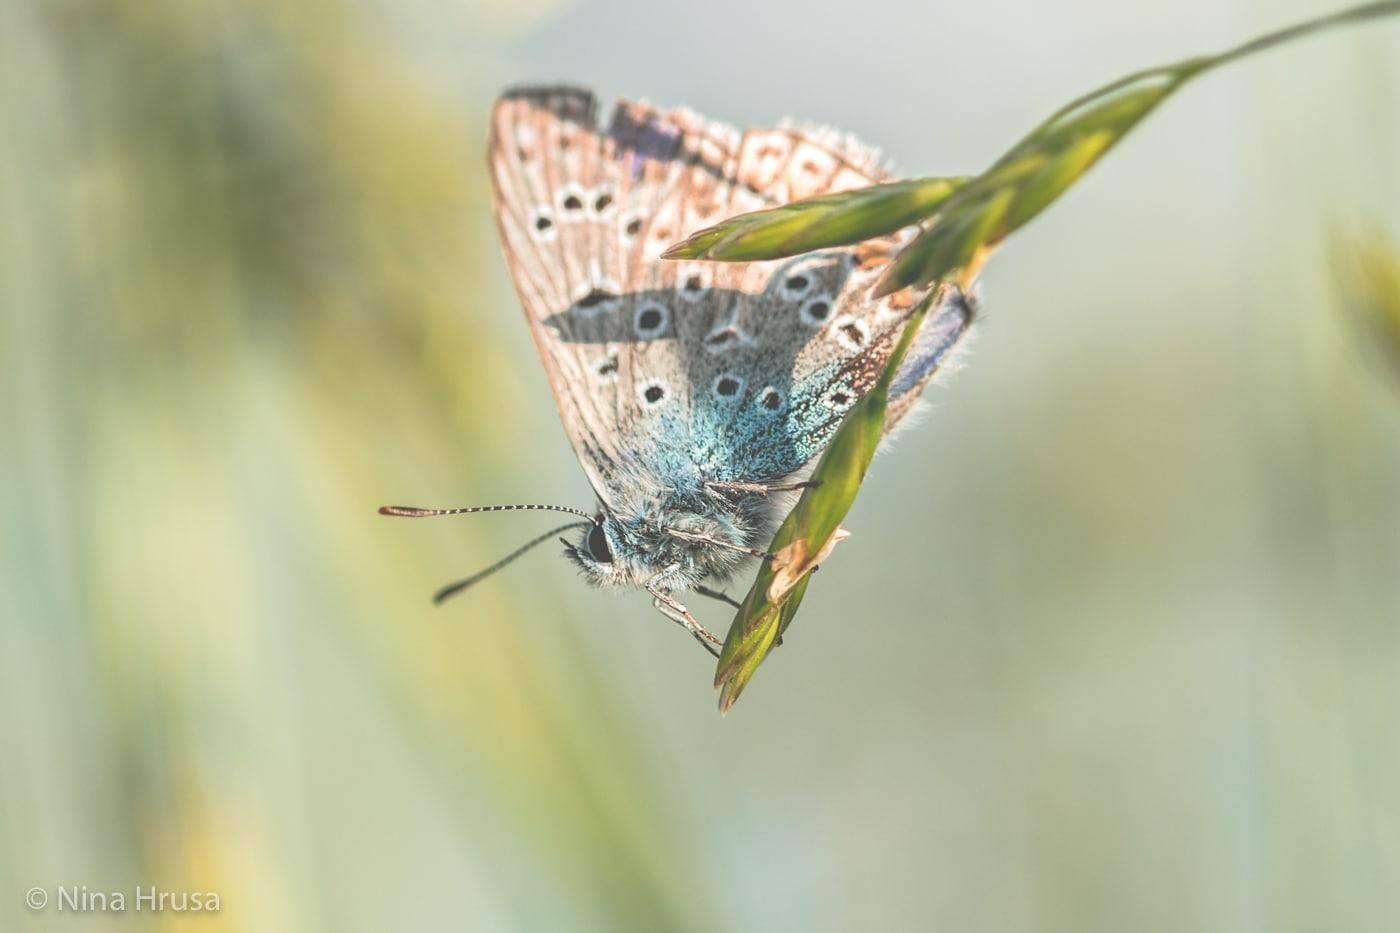 Schmetterling - Freiheit in Zeiten der Corona-Krise